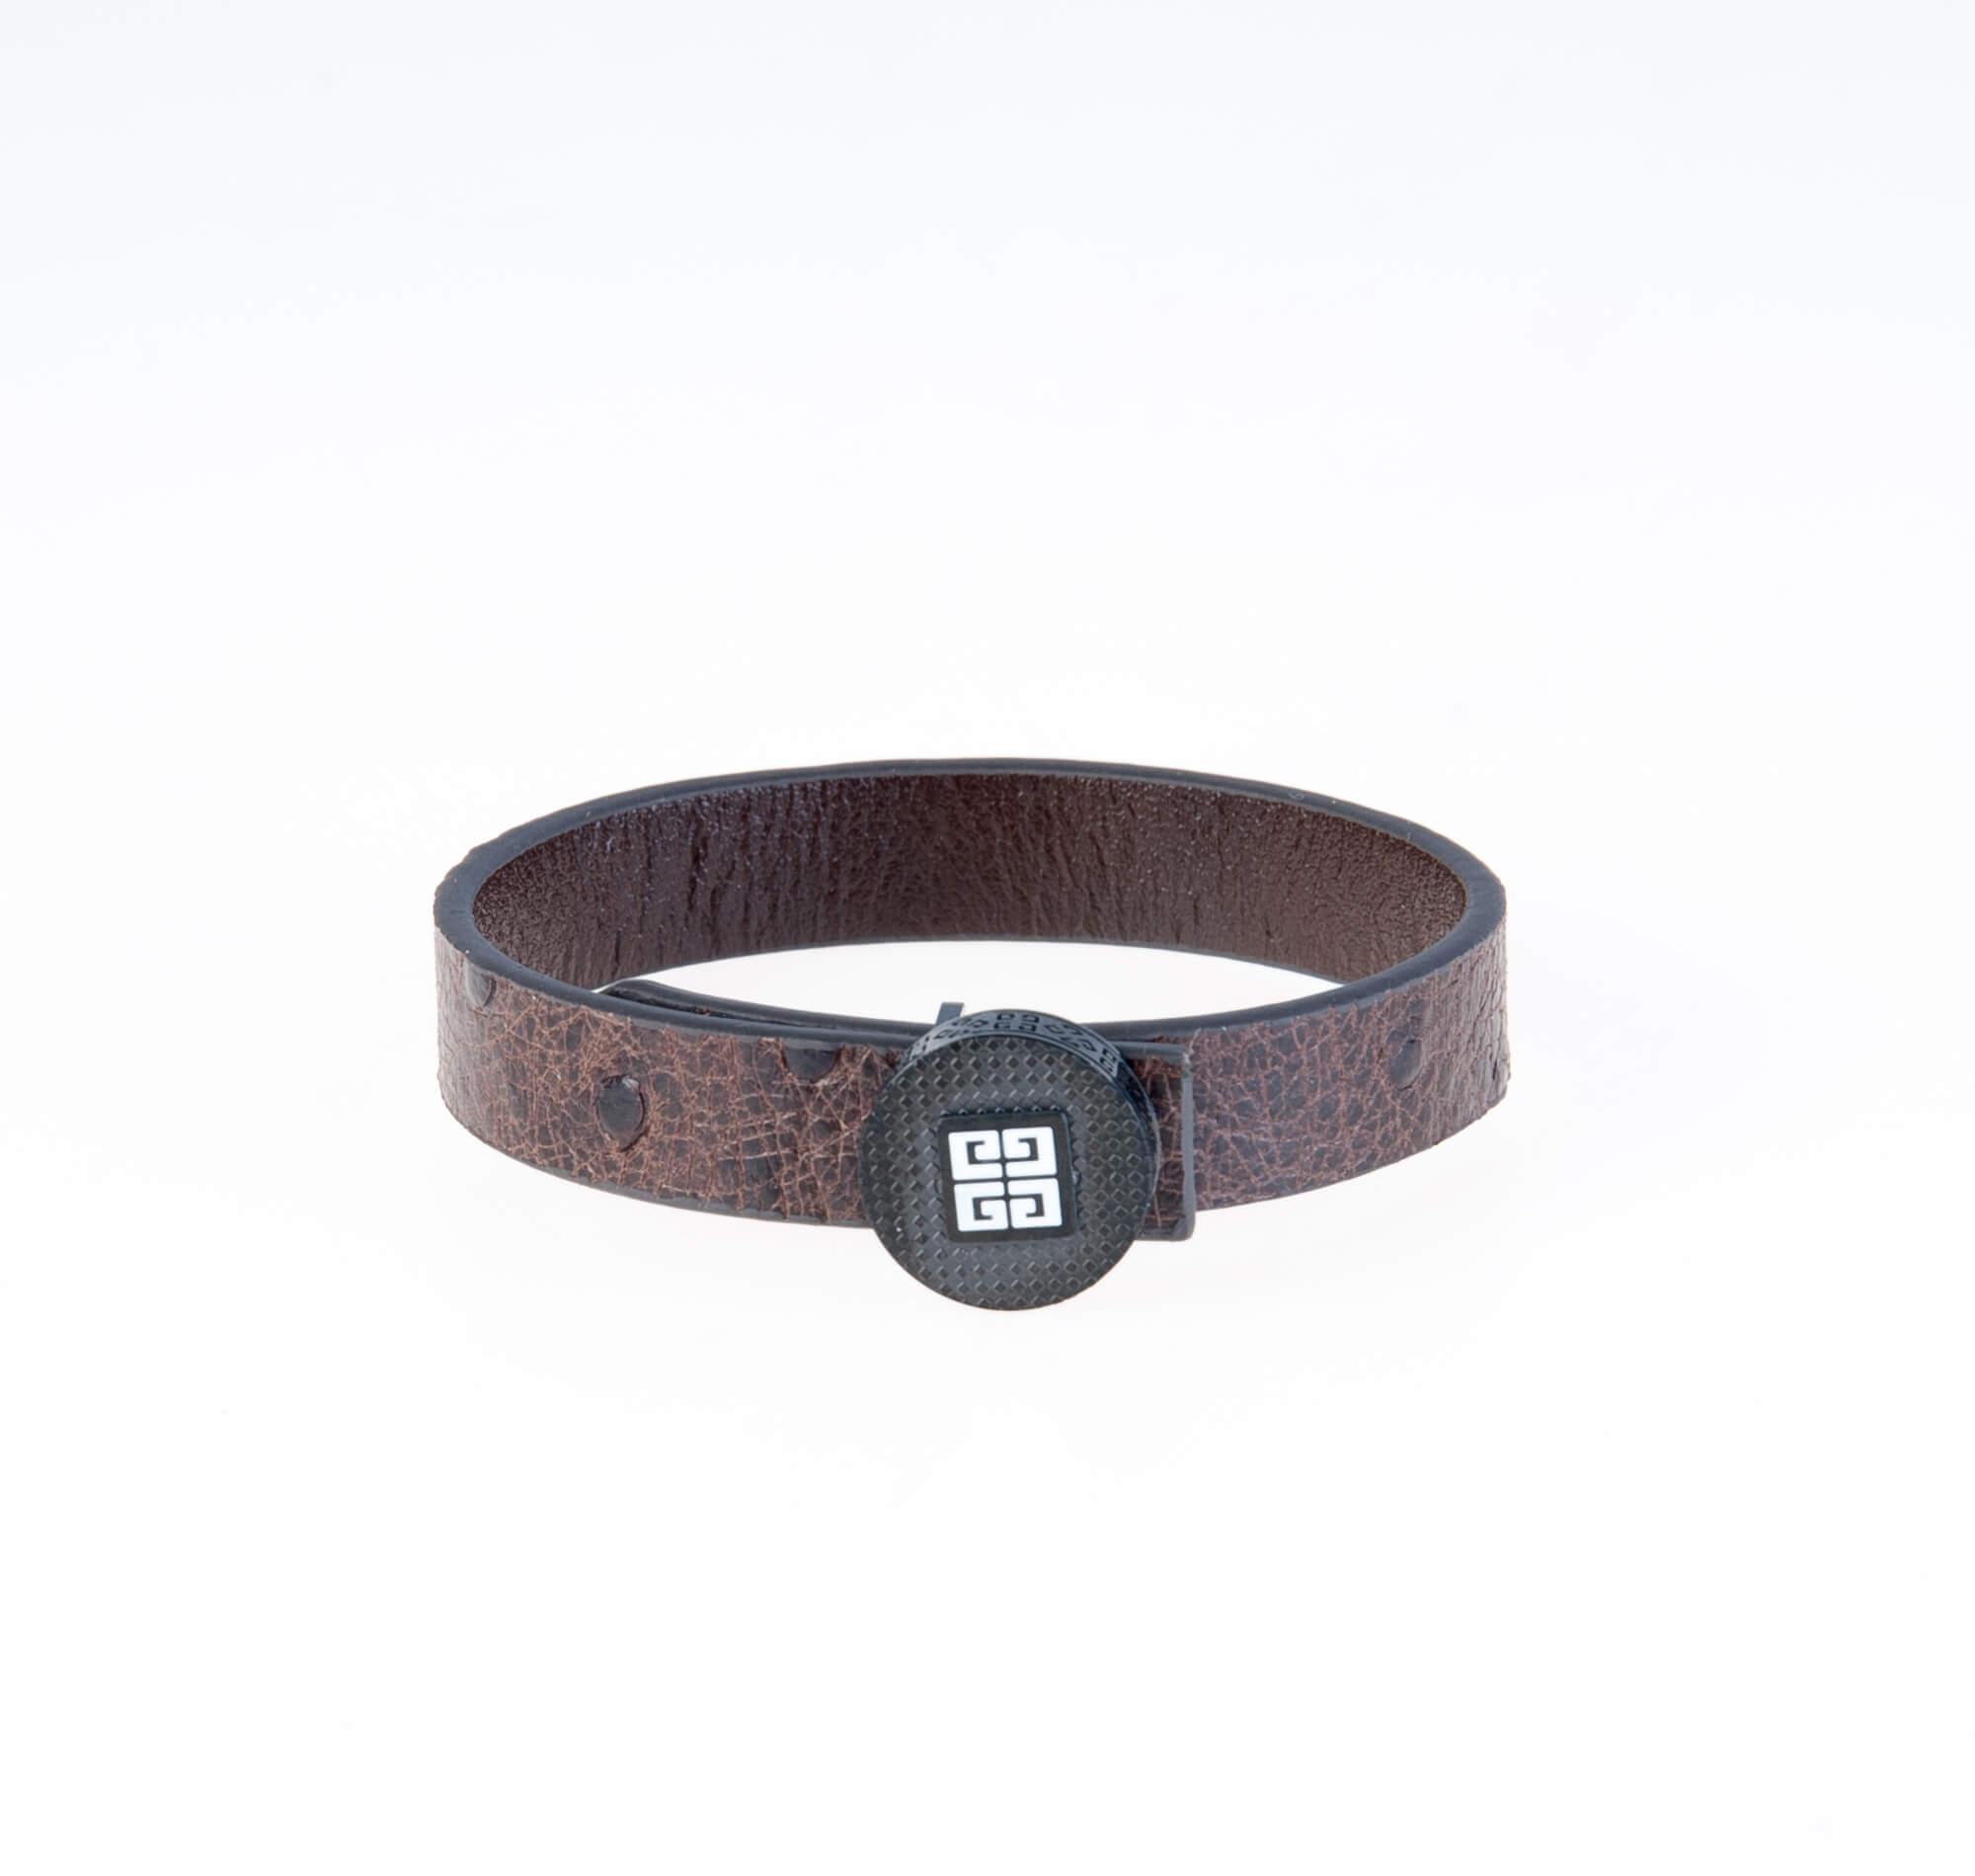 دستبند چرمی مردانه LM1009